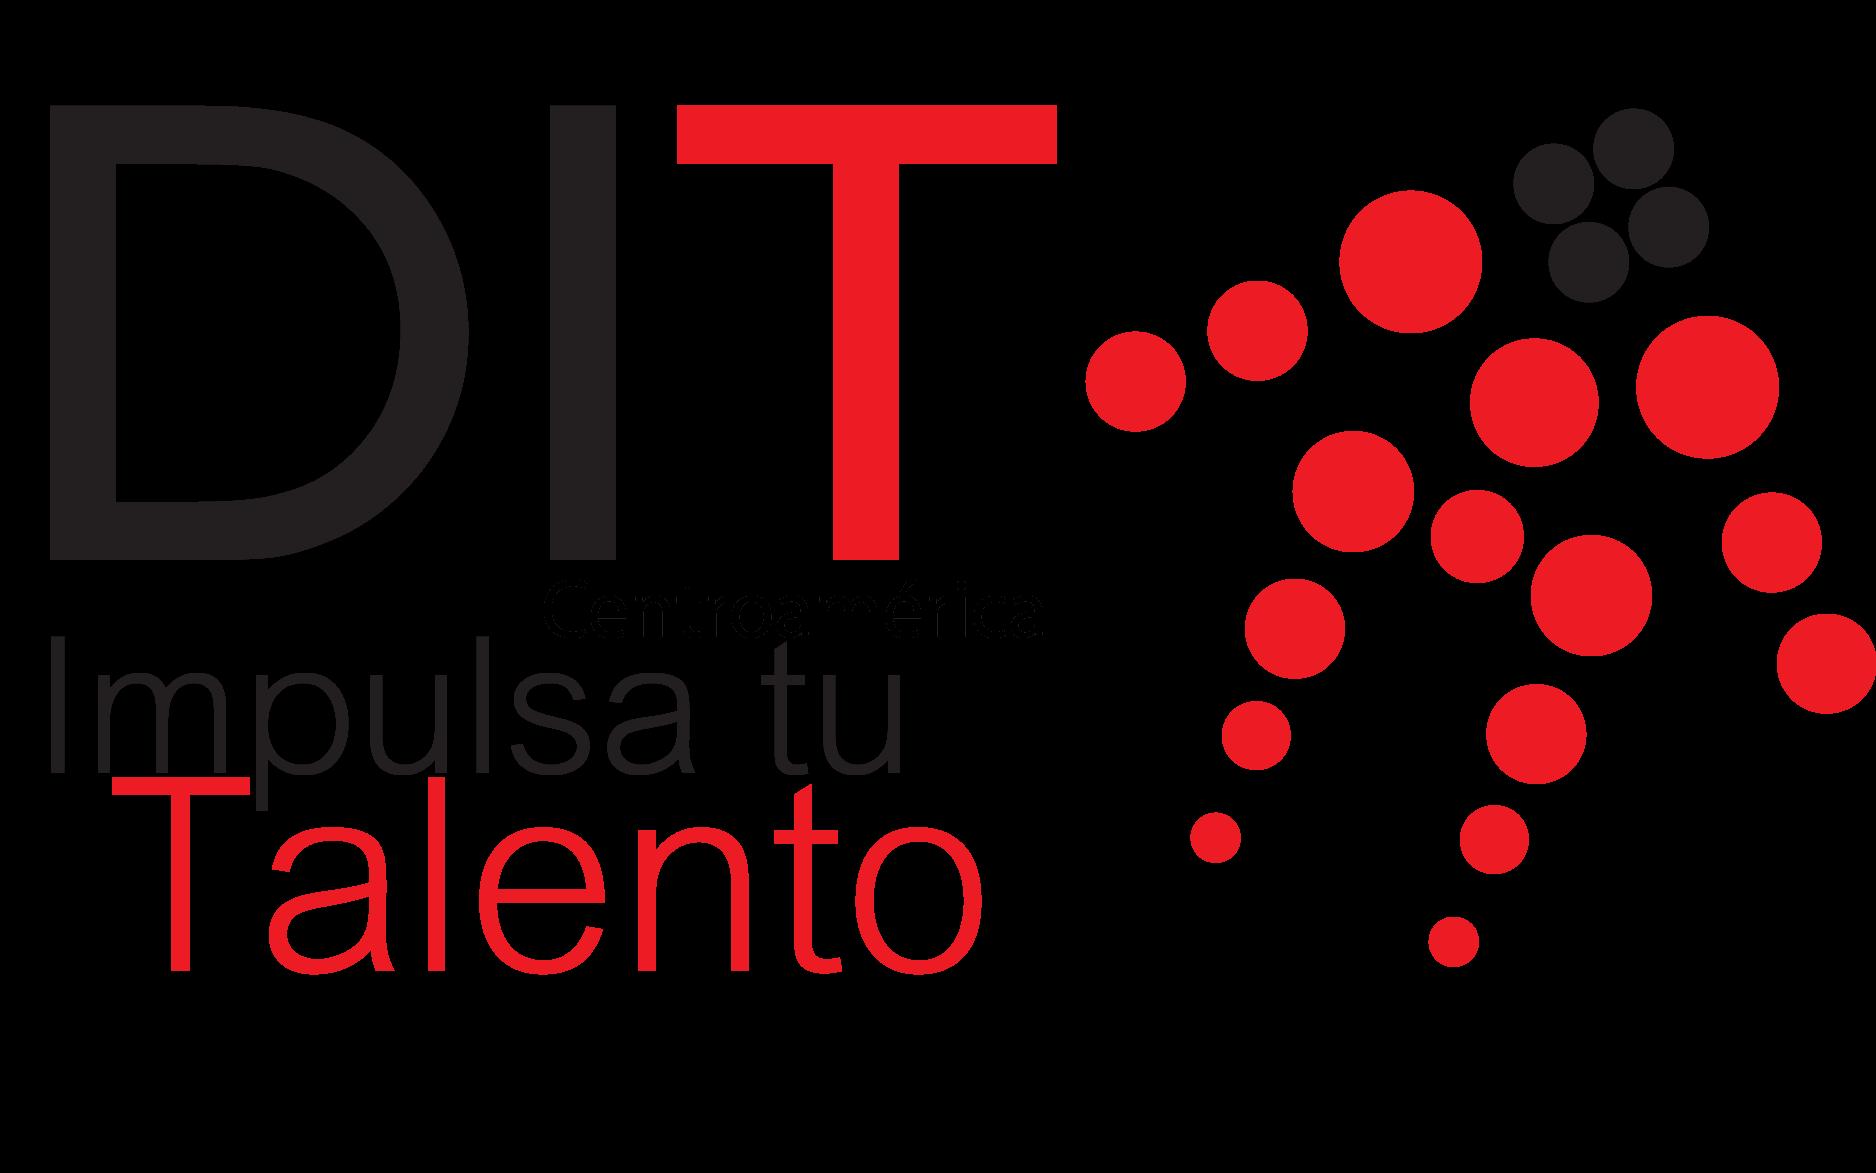 Desarrollo Internacional de Talento